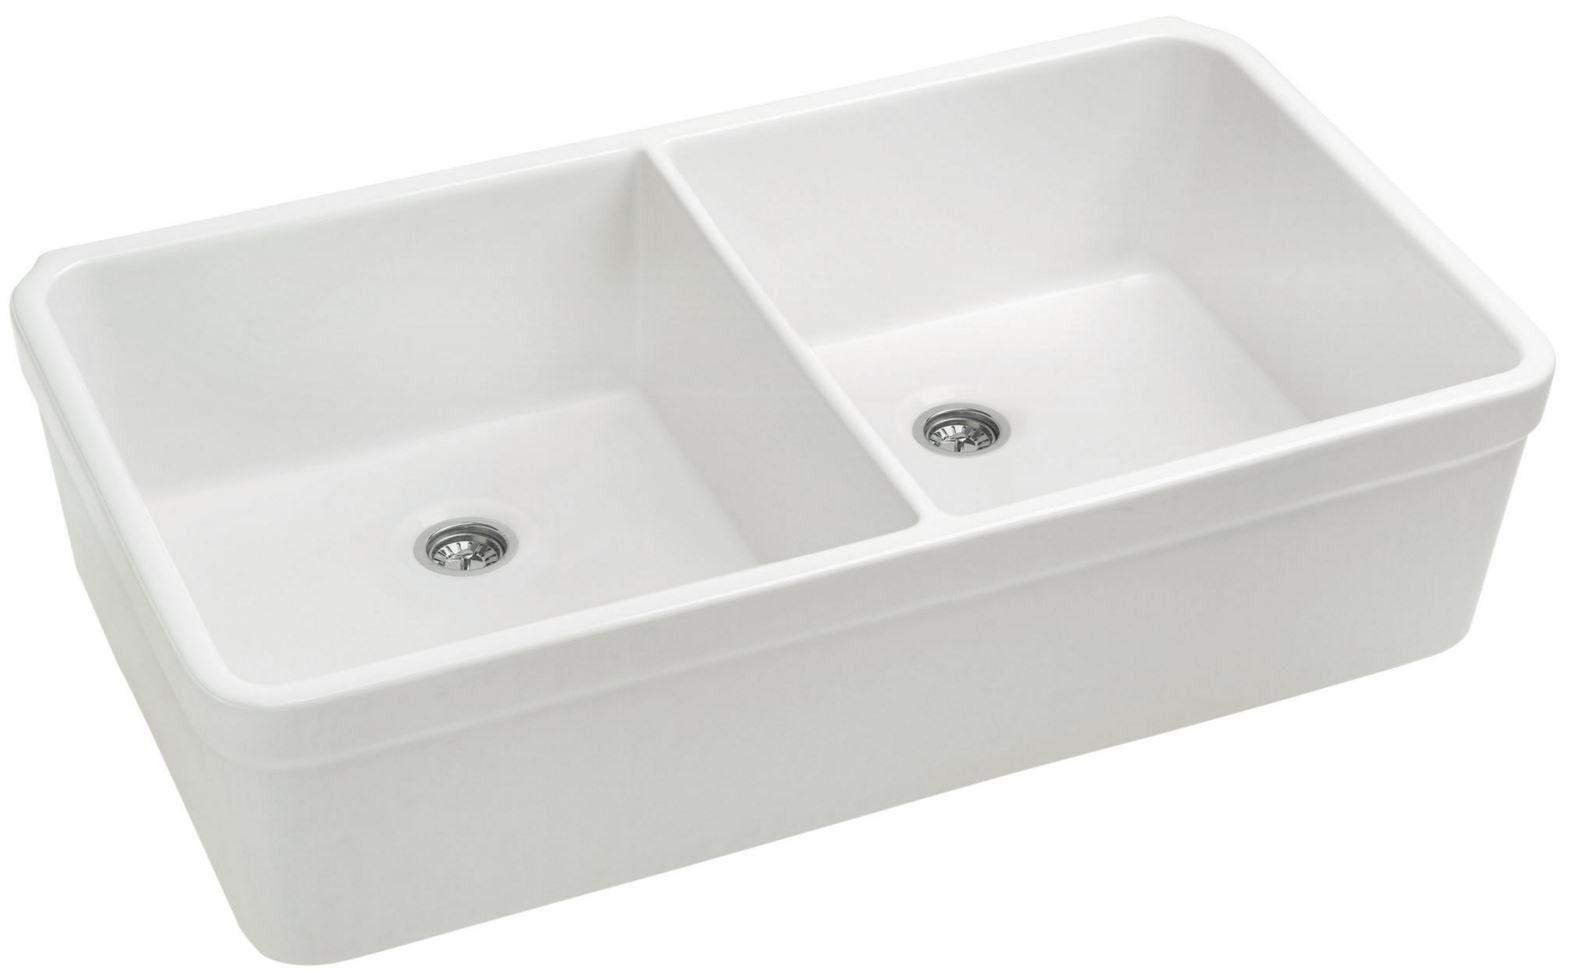 32 Whitehaus Fireclay Farmhouse Sink Whb5122 White Double Bowl